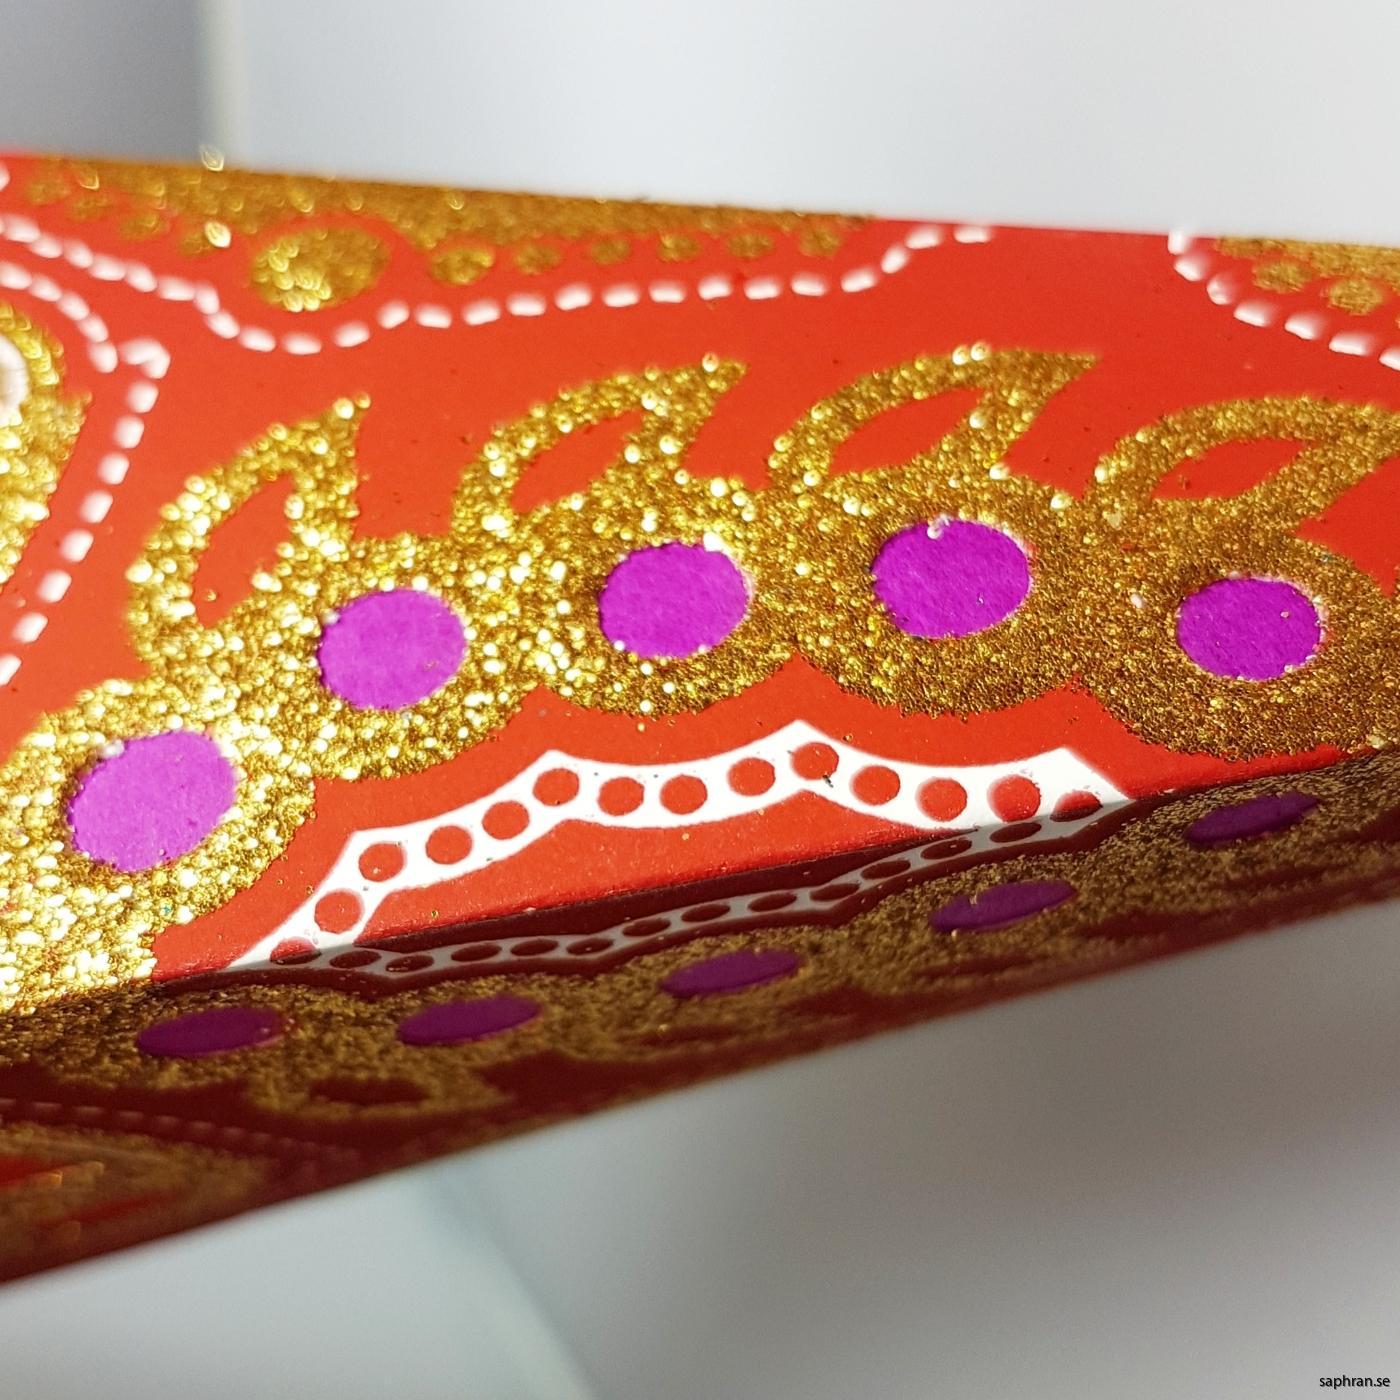 Orientalisk, röd julstjärna med varmt välkomnade sken